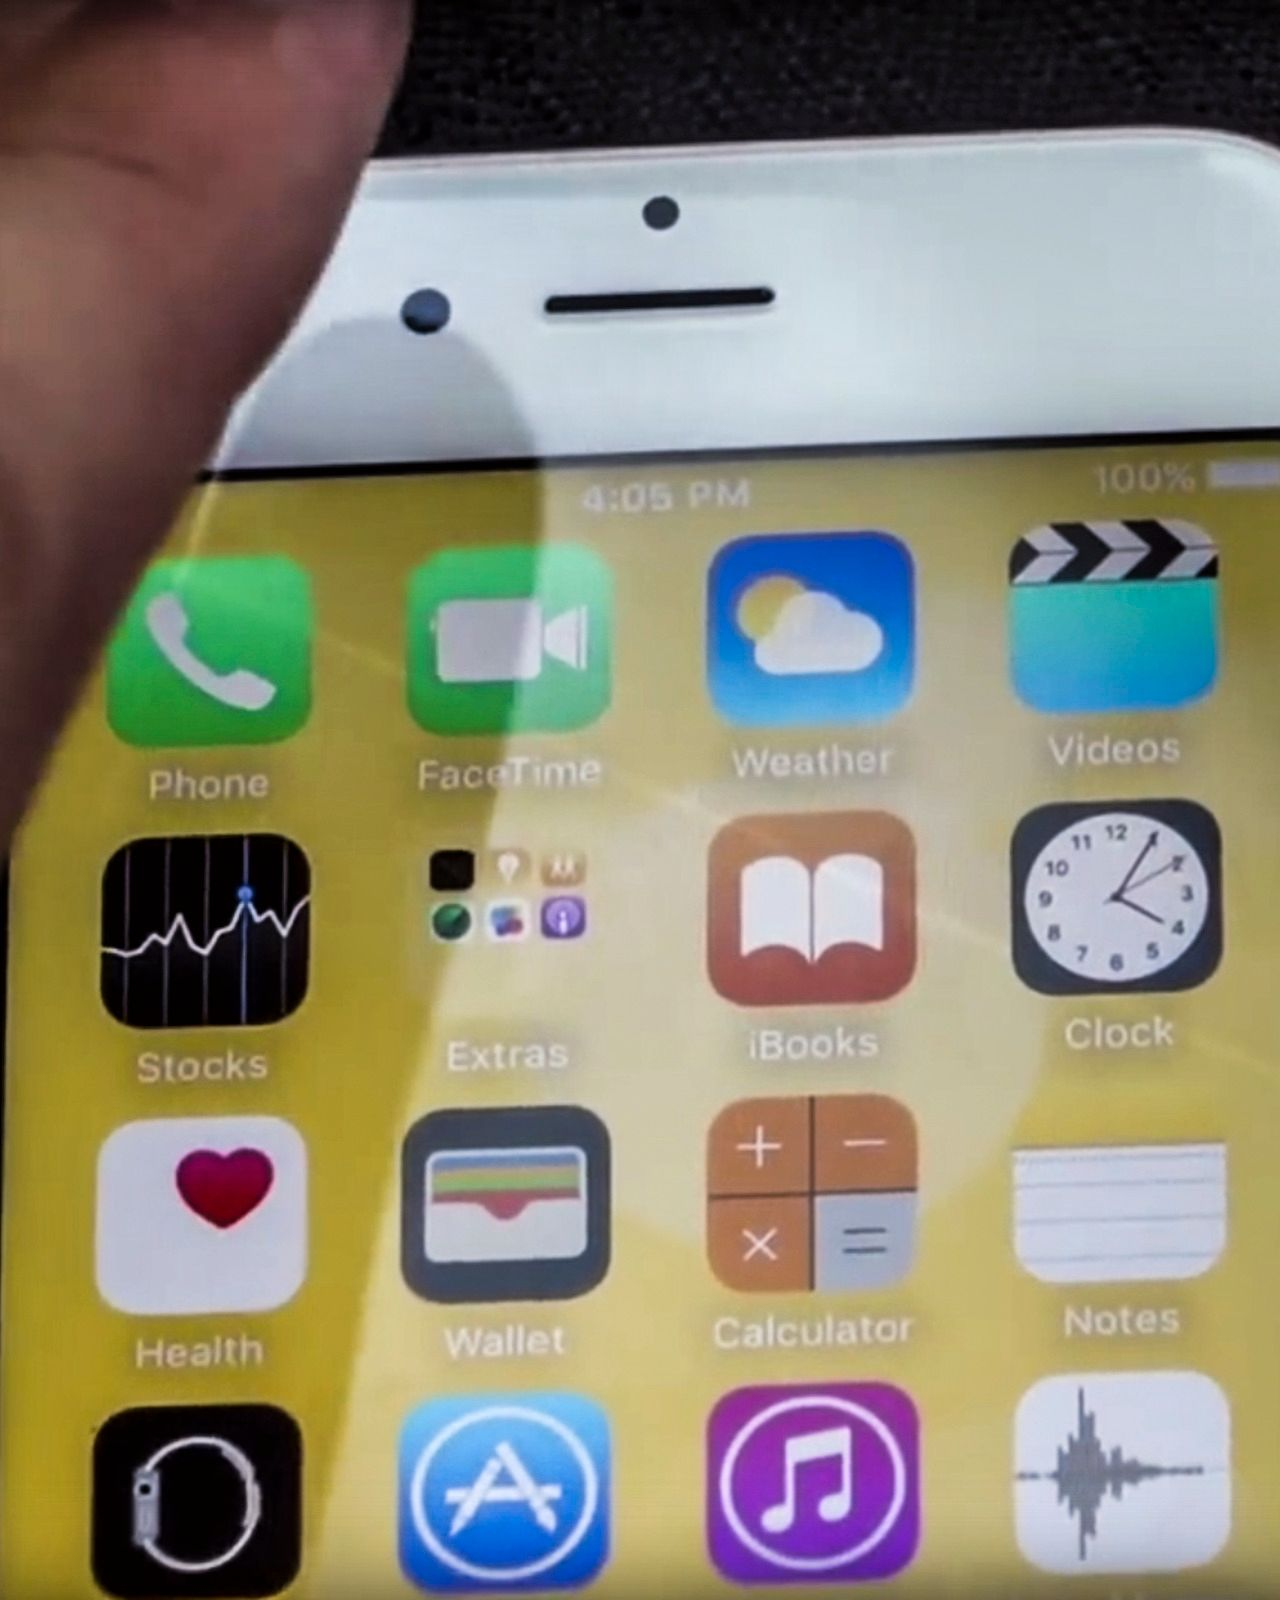 «Skaden» på skjermen kan så vidt skimtes som en lysere stripe som går diagonalt fra toppen av telefon-symbolet og ned gjennom FaceTime-, iBooks- og Clock-appene. Vi har forsterket kontrasten for å tydeliggjøre stripen. Foto: Zach Straley/YouTube | Redigert: Tek.no